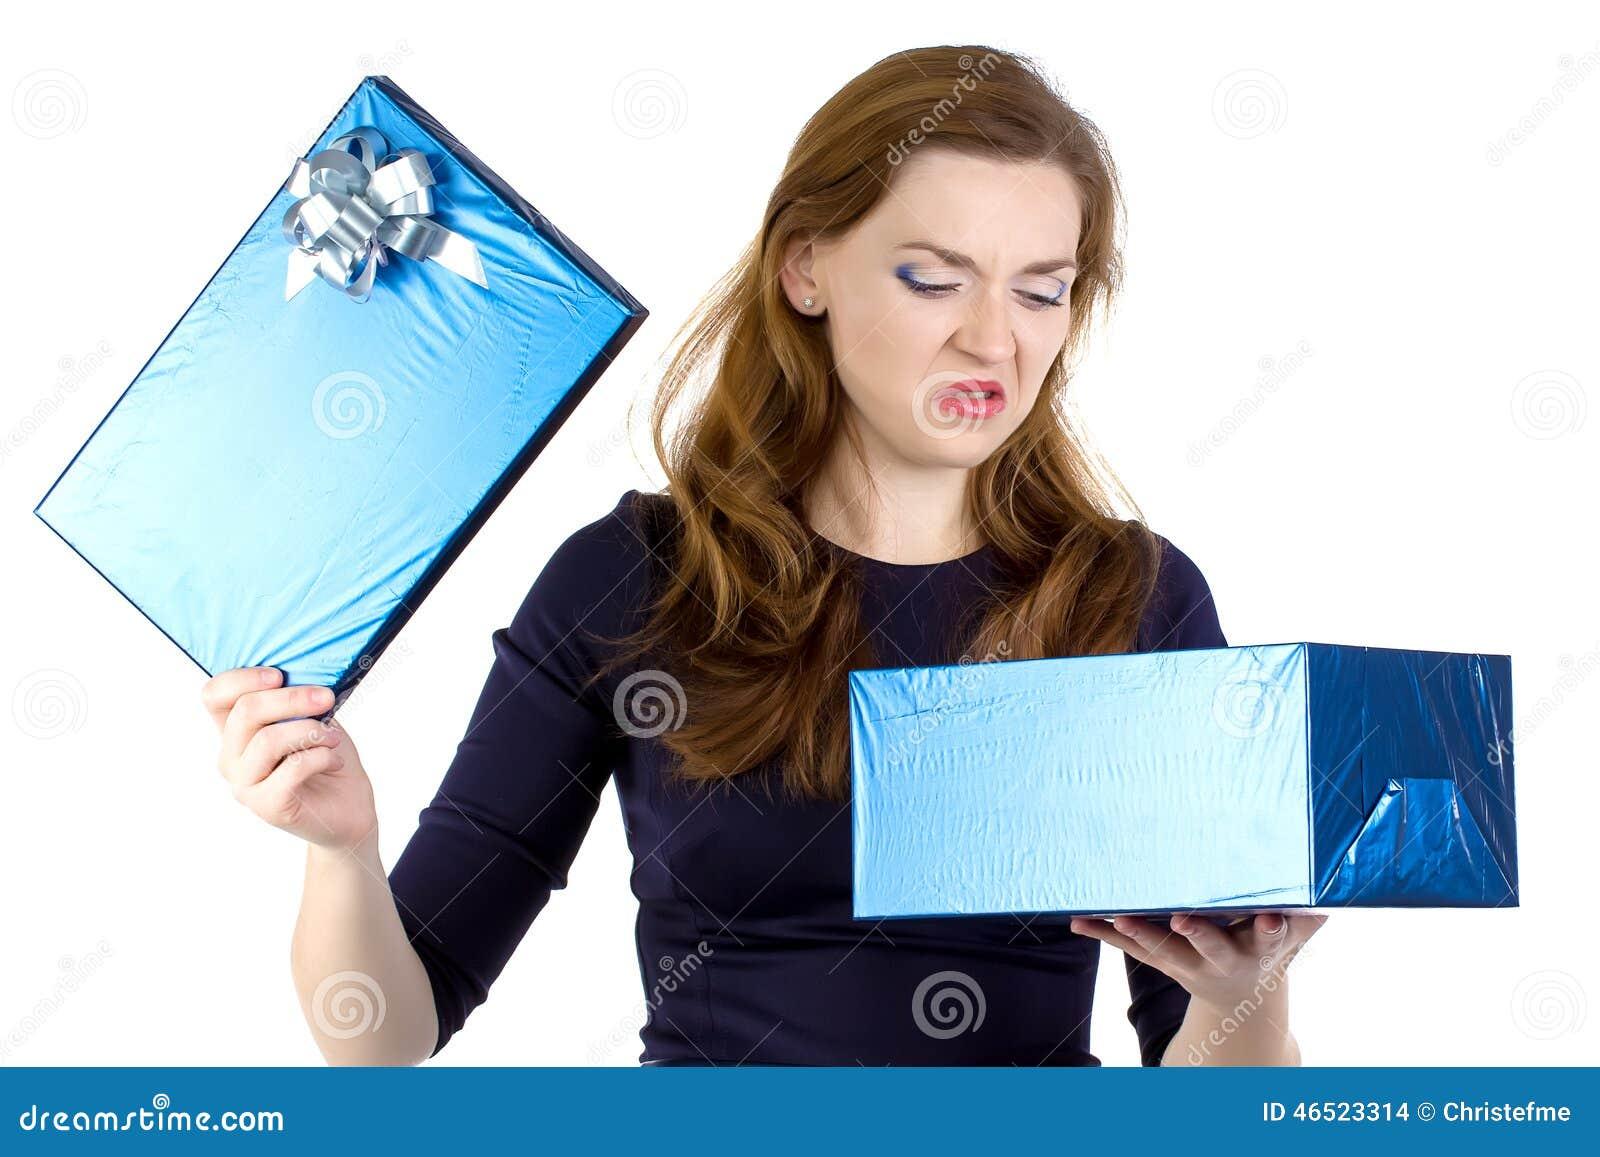 Фото капризной женщины получило подарок